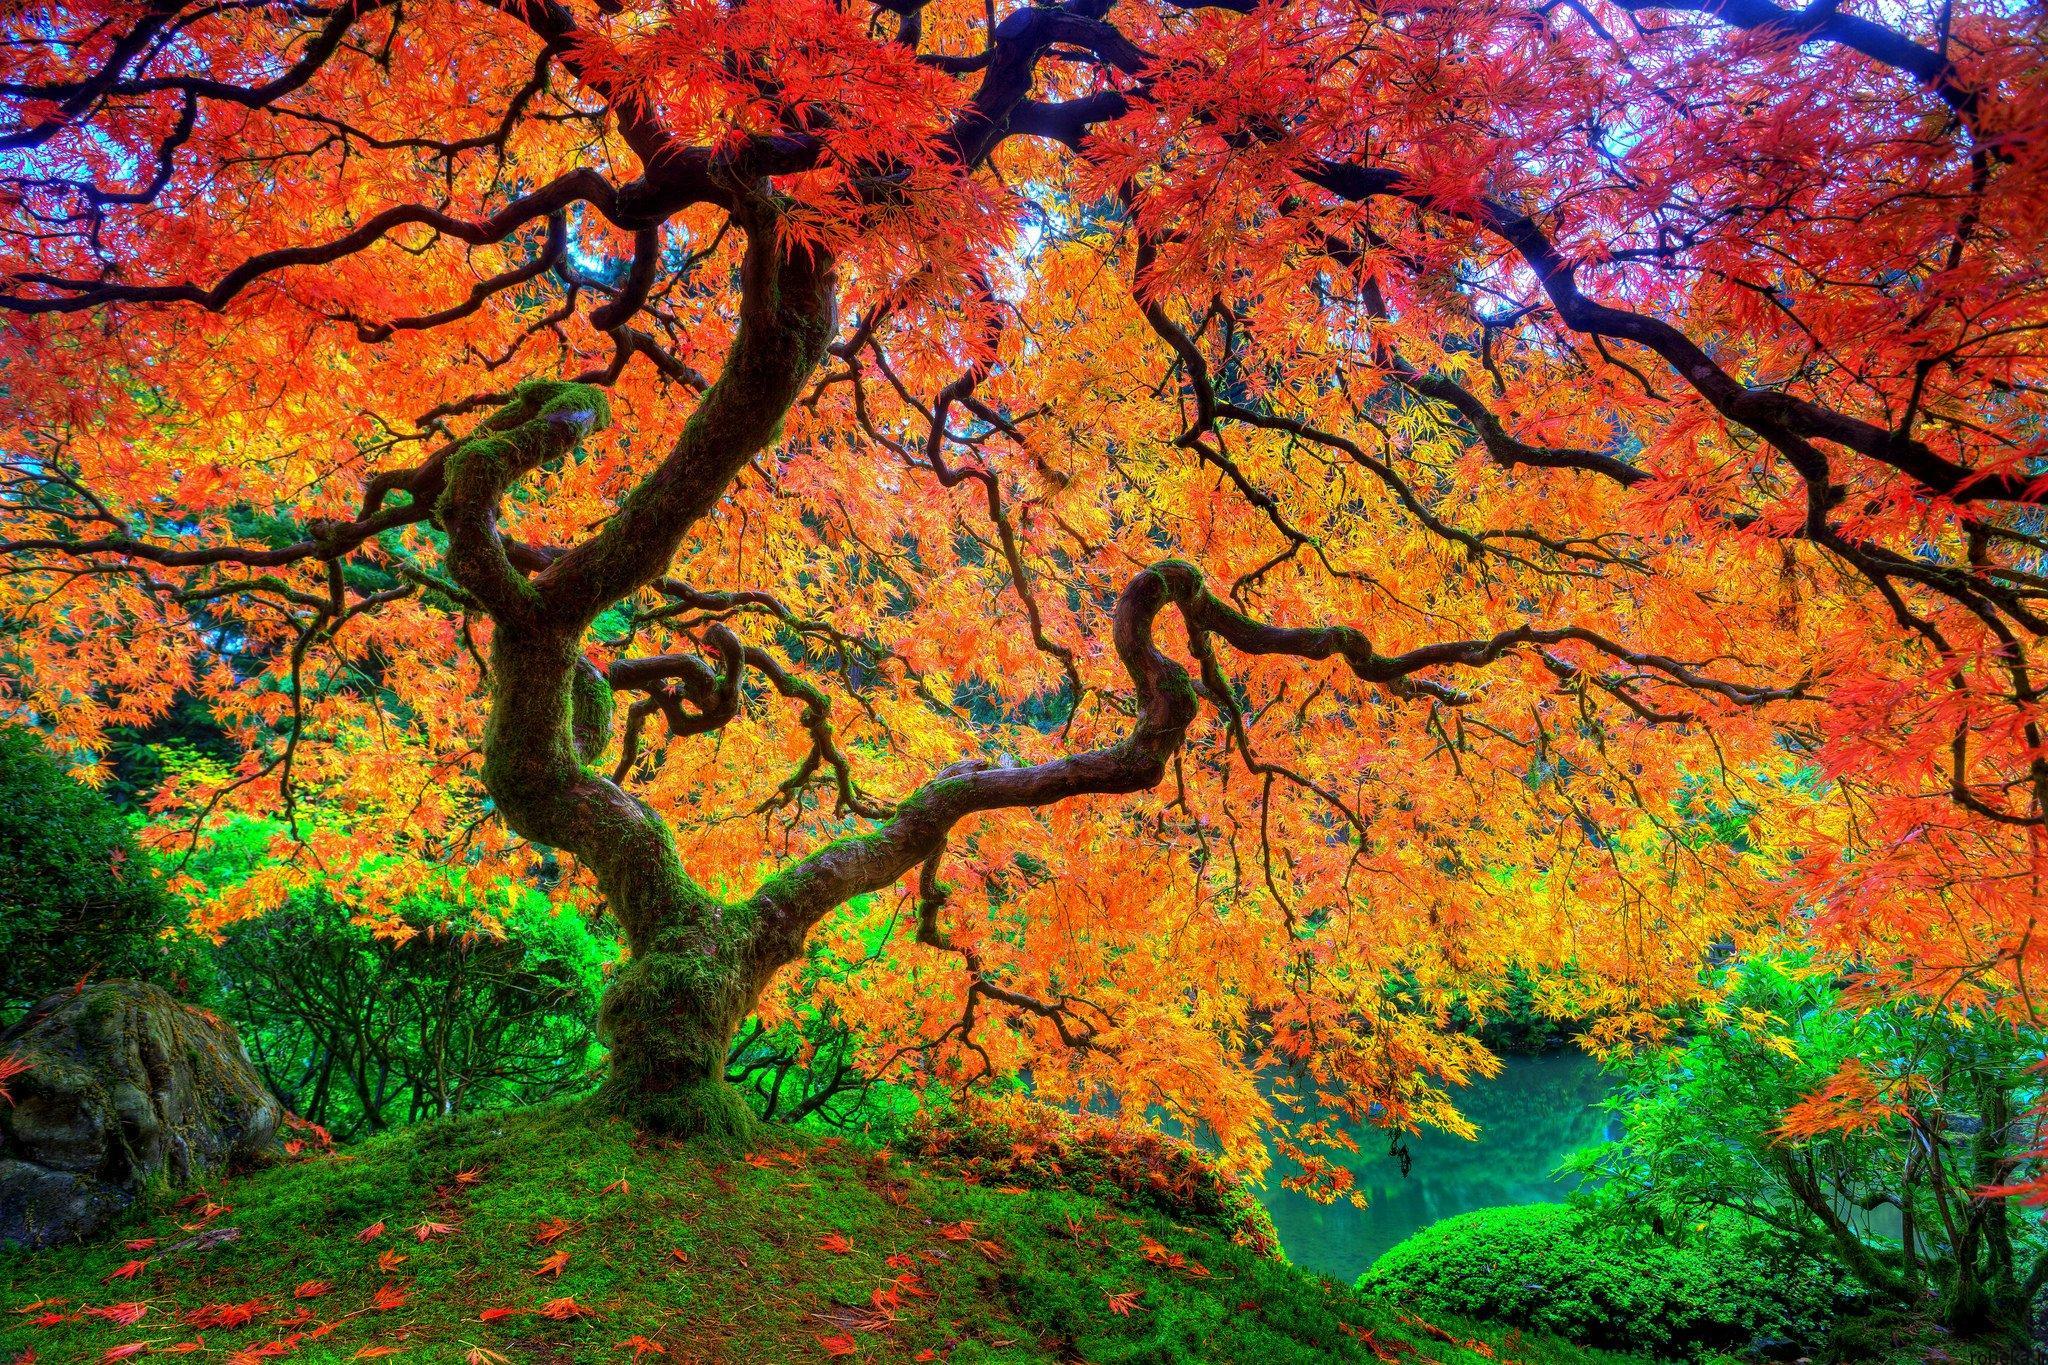 عکس و والپیپر درخت افرا عکس های زیبا از برگ و درخت افرا قرمز و سیاه